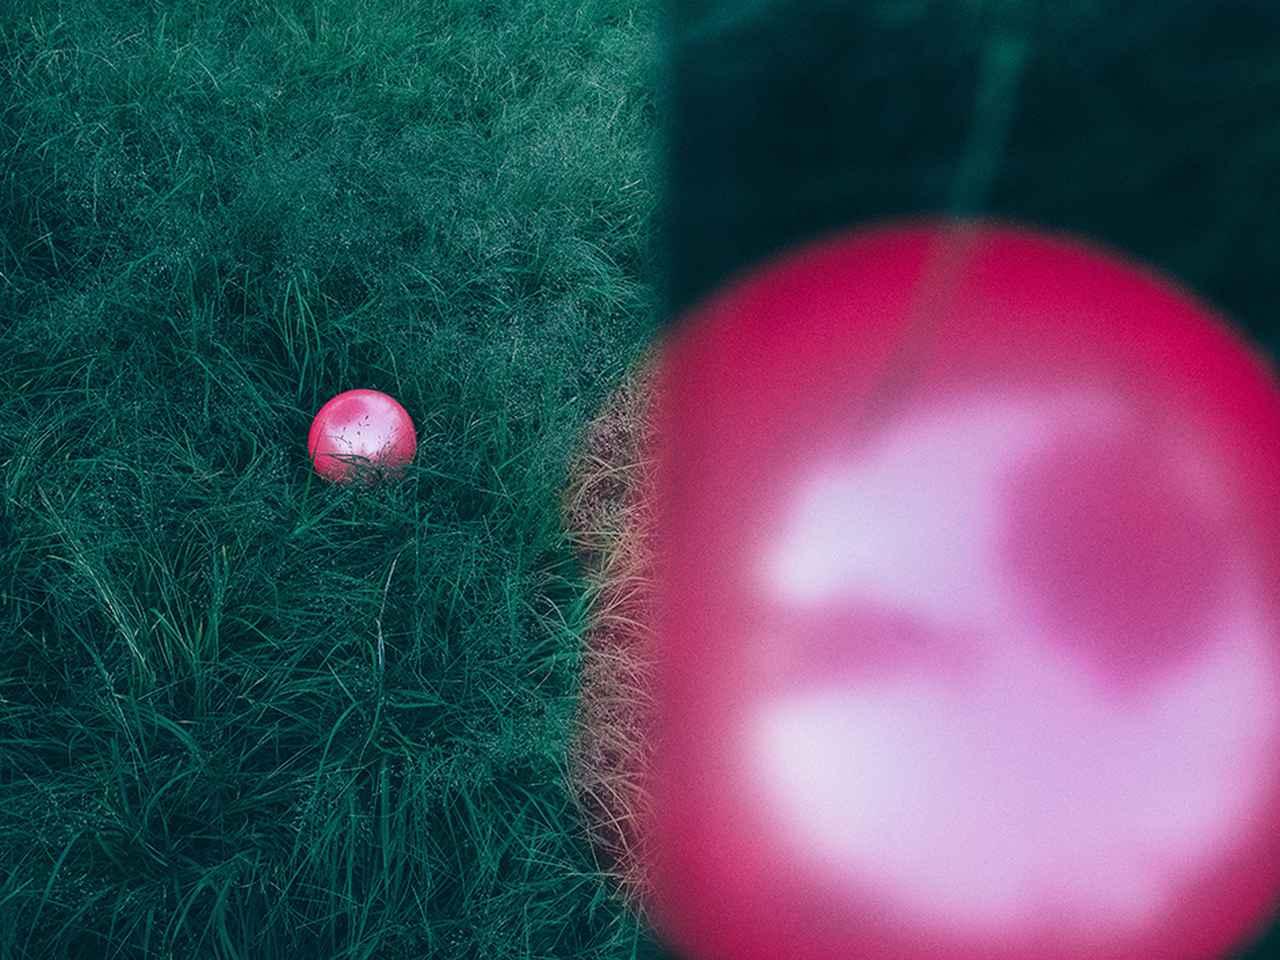 画像6: 河野鉄平、コムロミホ、鈴木さや香、福井麻衣子、4人のグループ展「 Hello! Hello! Me! 」 ●2018年12月12日~12月23日  会場:T.I.P 72Gallery